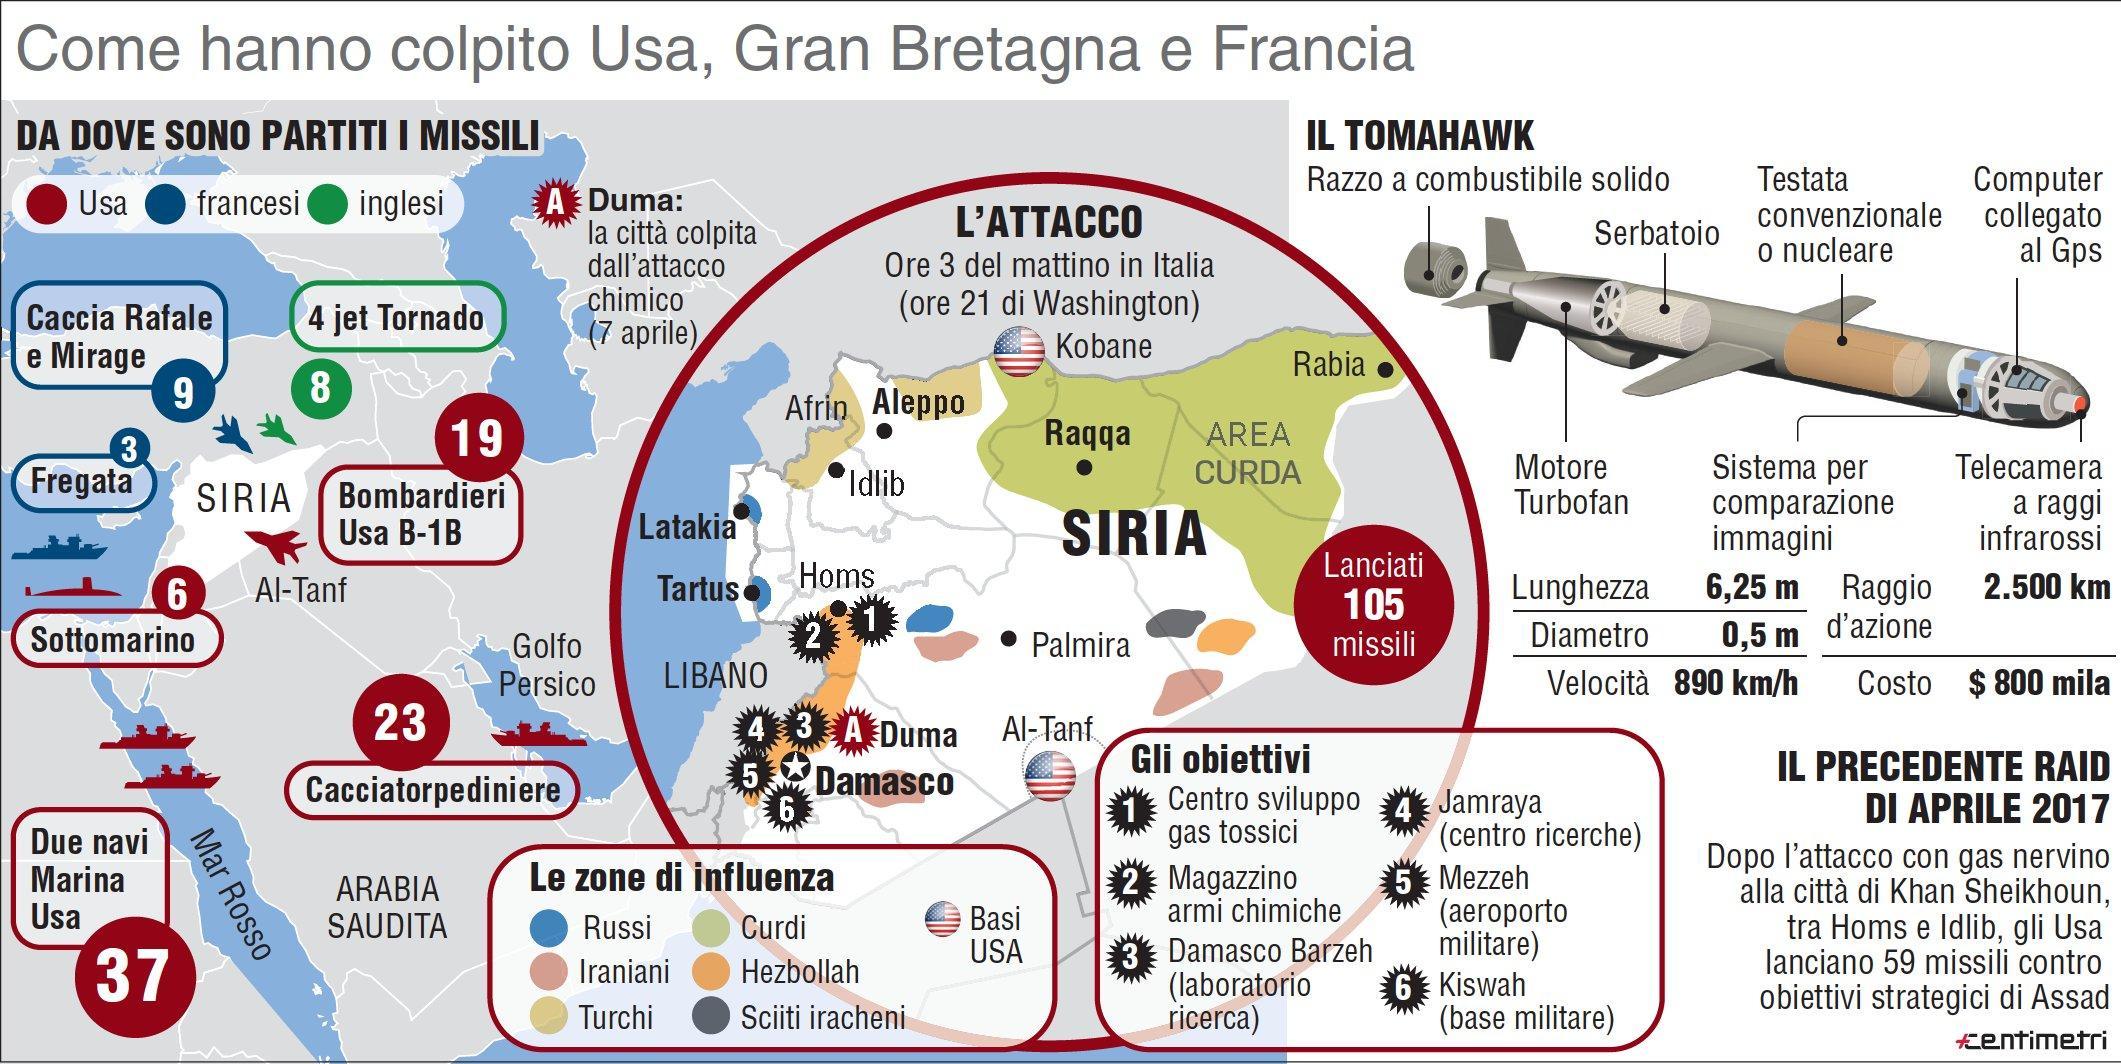 Cosa è successo in Siria